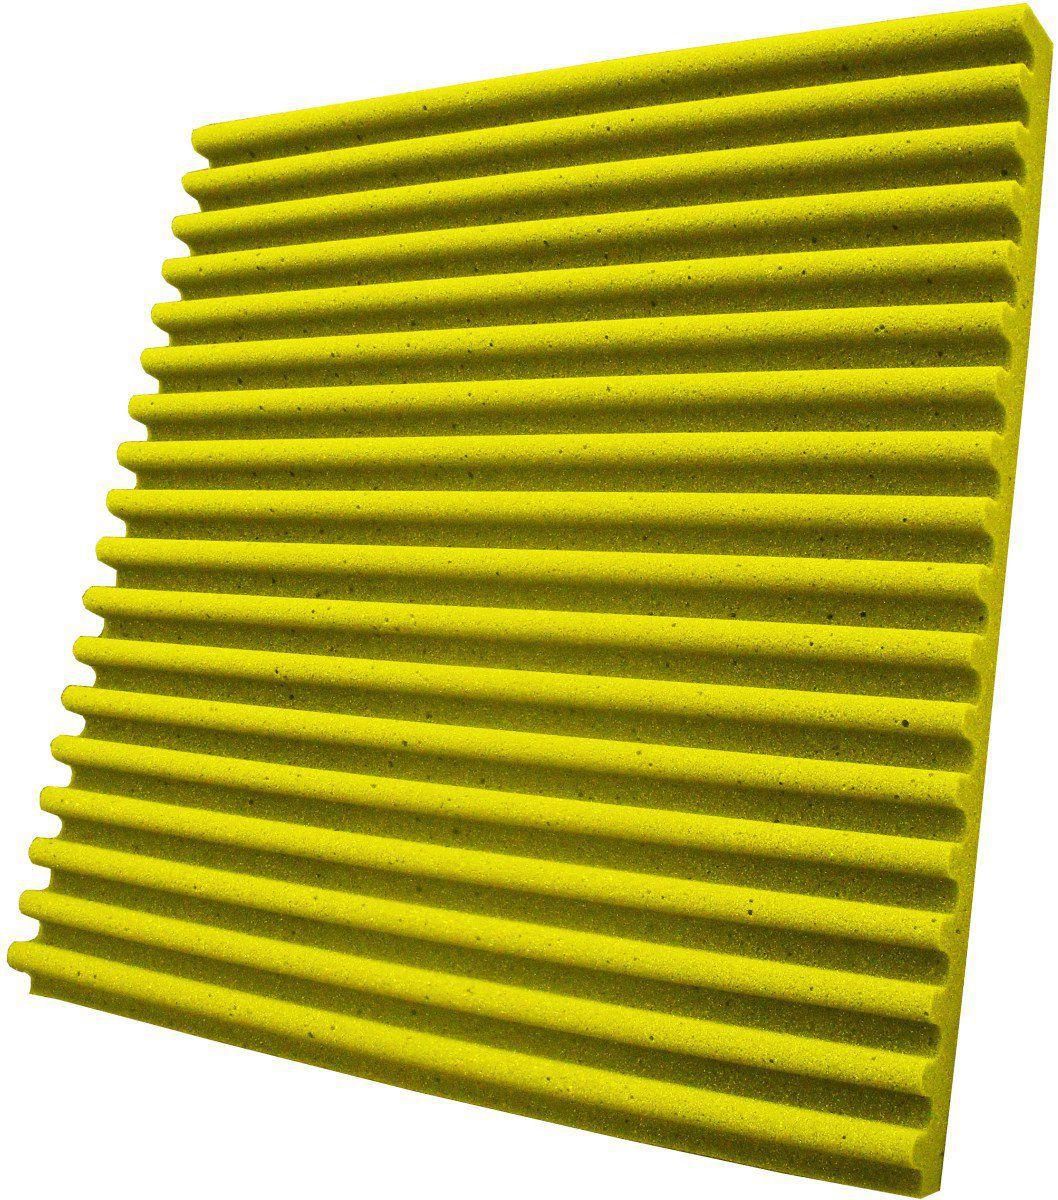 Espuma acústica Linha REV - S - Amarelo- Kit 8 peças (2m²)  - Loja SPL Acústica